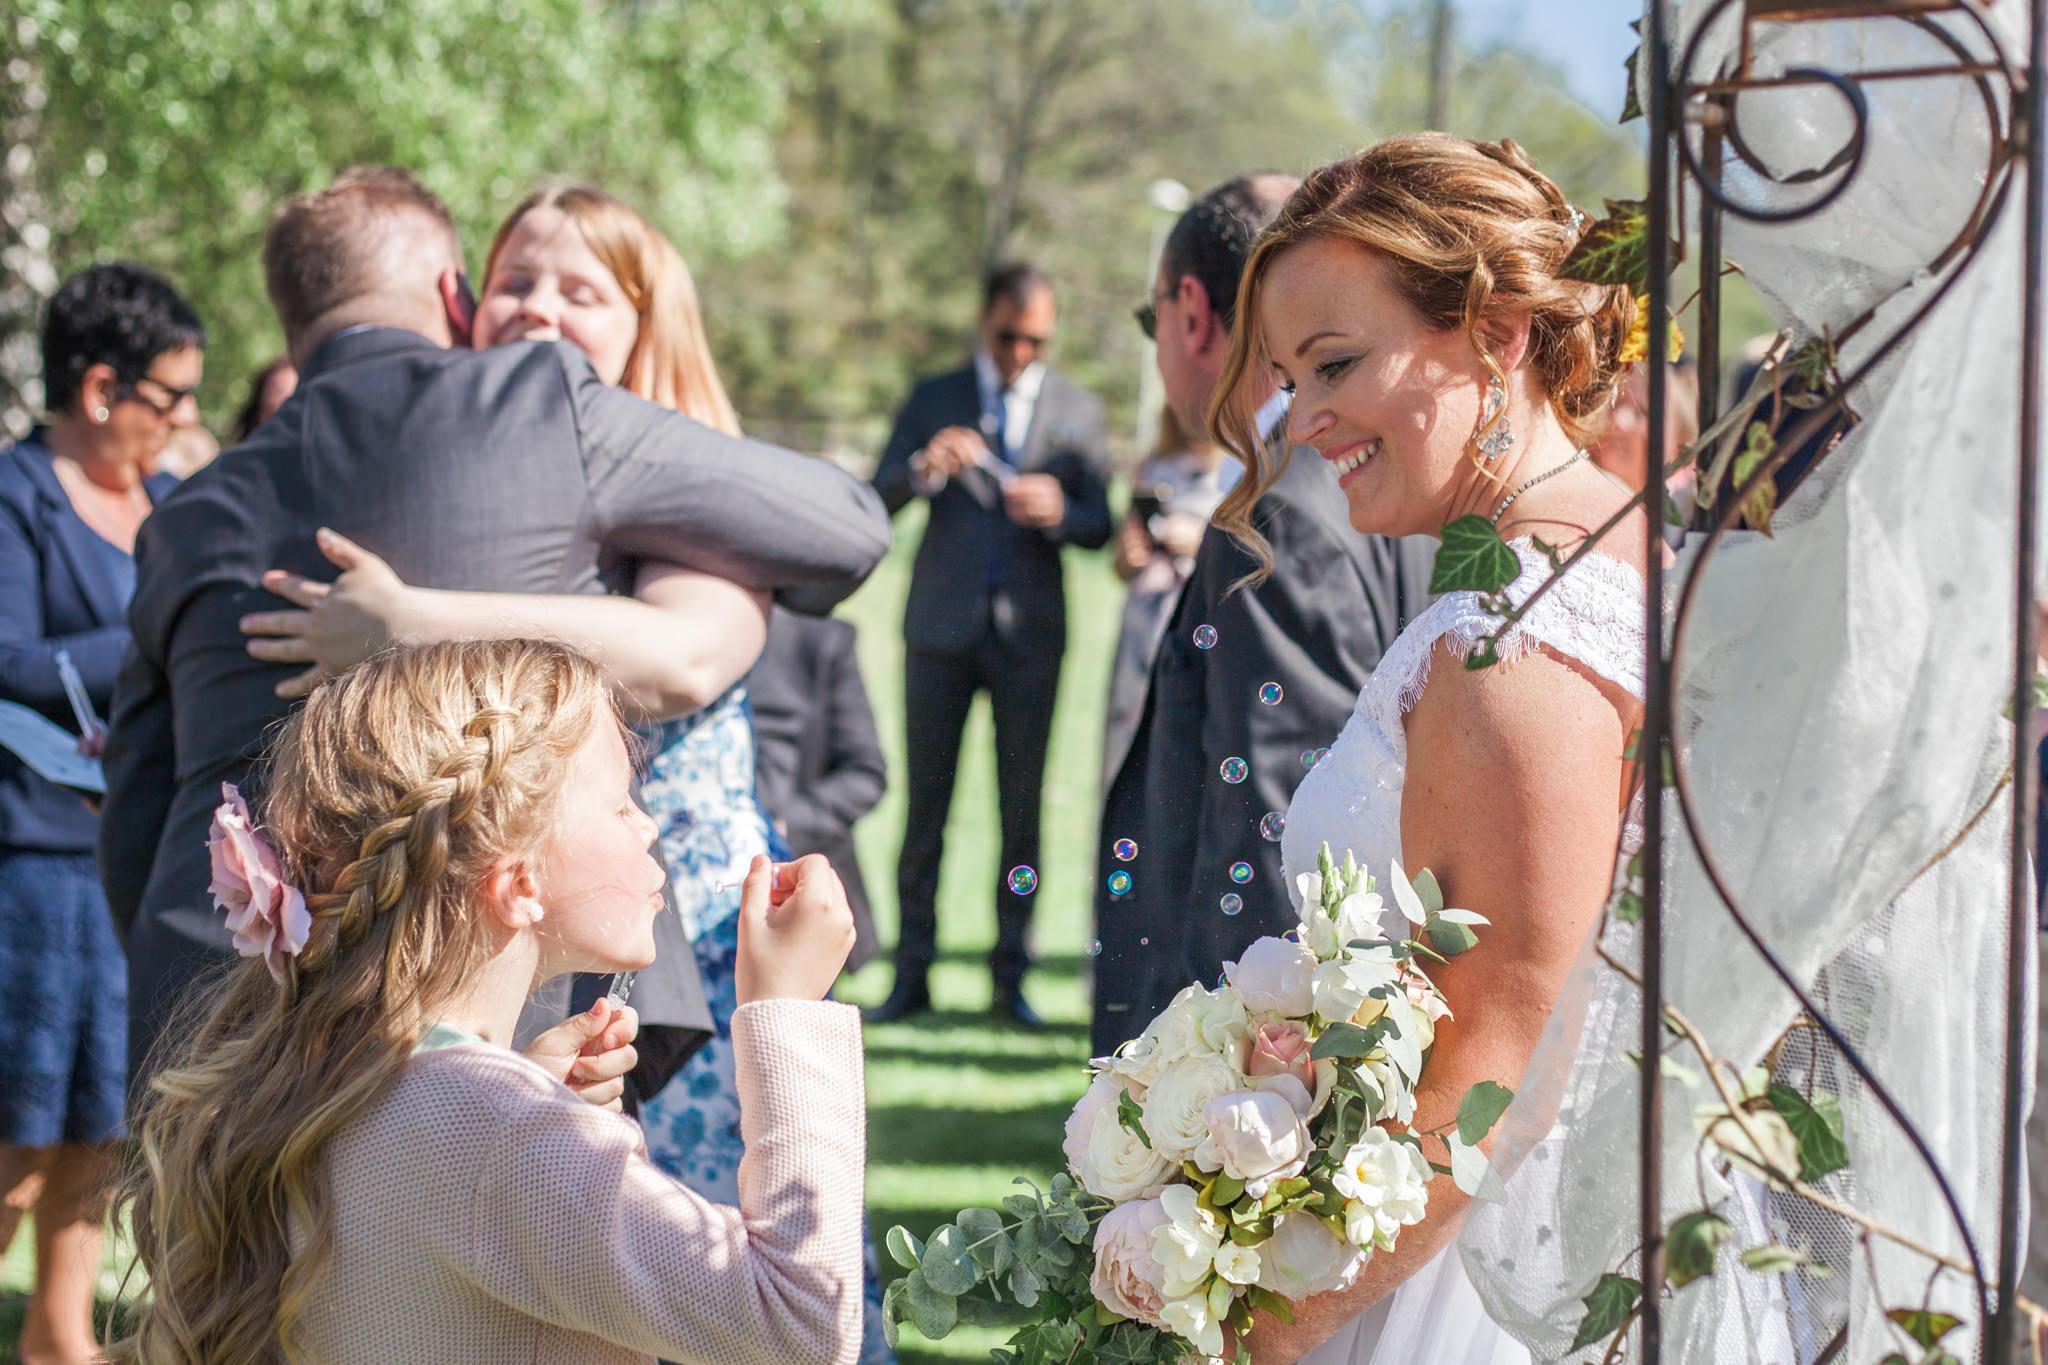 Såpbubblor på bröllop vid Slattefors Magasin i Linköping